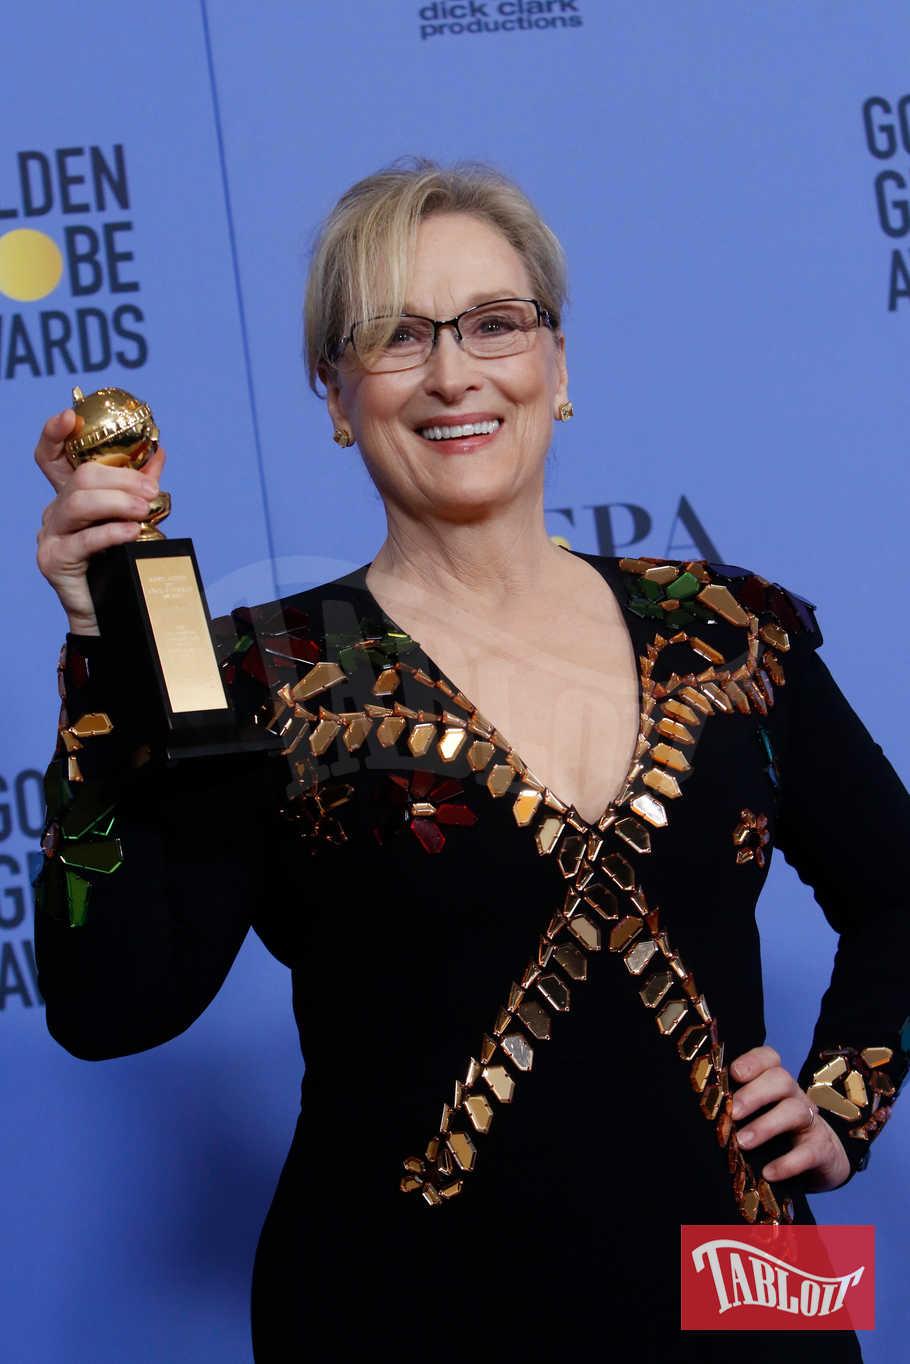 """Meryl Streep detiene il record di 30 candidature ai Golden Globes, e di 9 vittorie (di cui uno alla carriera consegnatole lo scorso anno). Ai prossimi Golden l'attrice è candidata come miglior attrice per la sua interpretazione nel film """"The Post"""""""